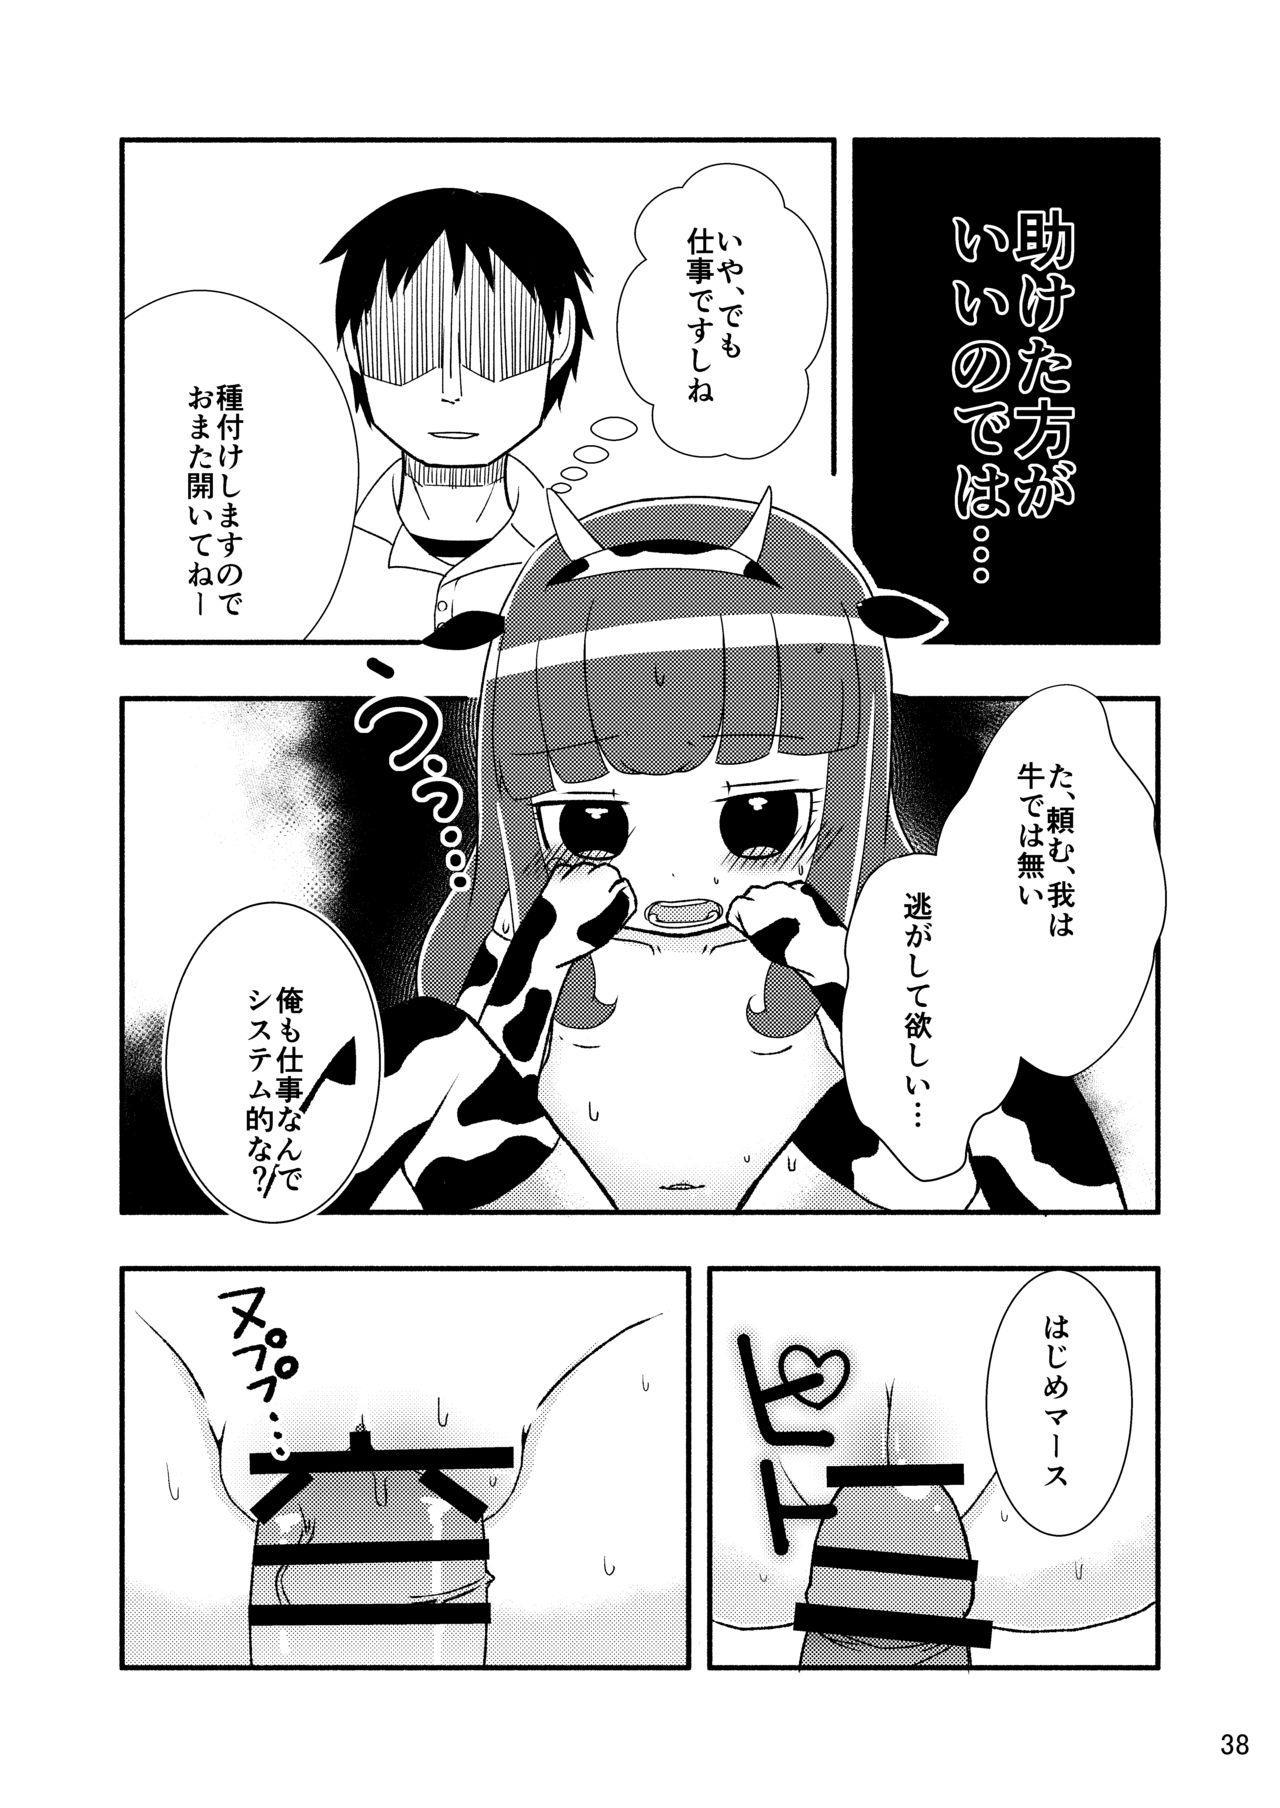 [よだか超新星 (Various) PRIPARA MILK (PriPara) [Digital] 37